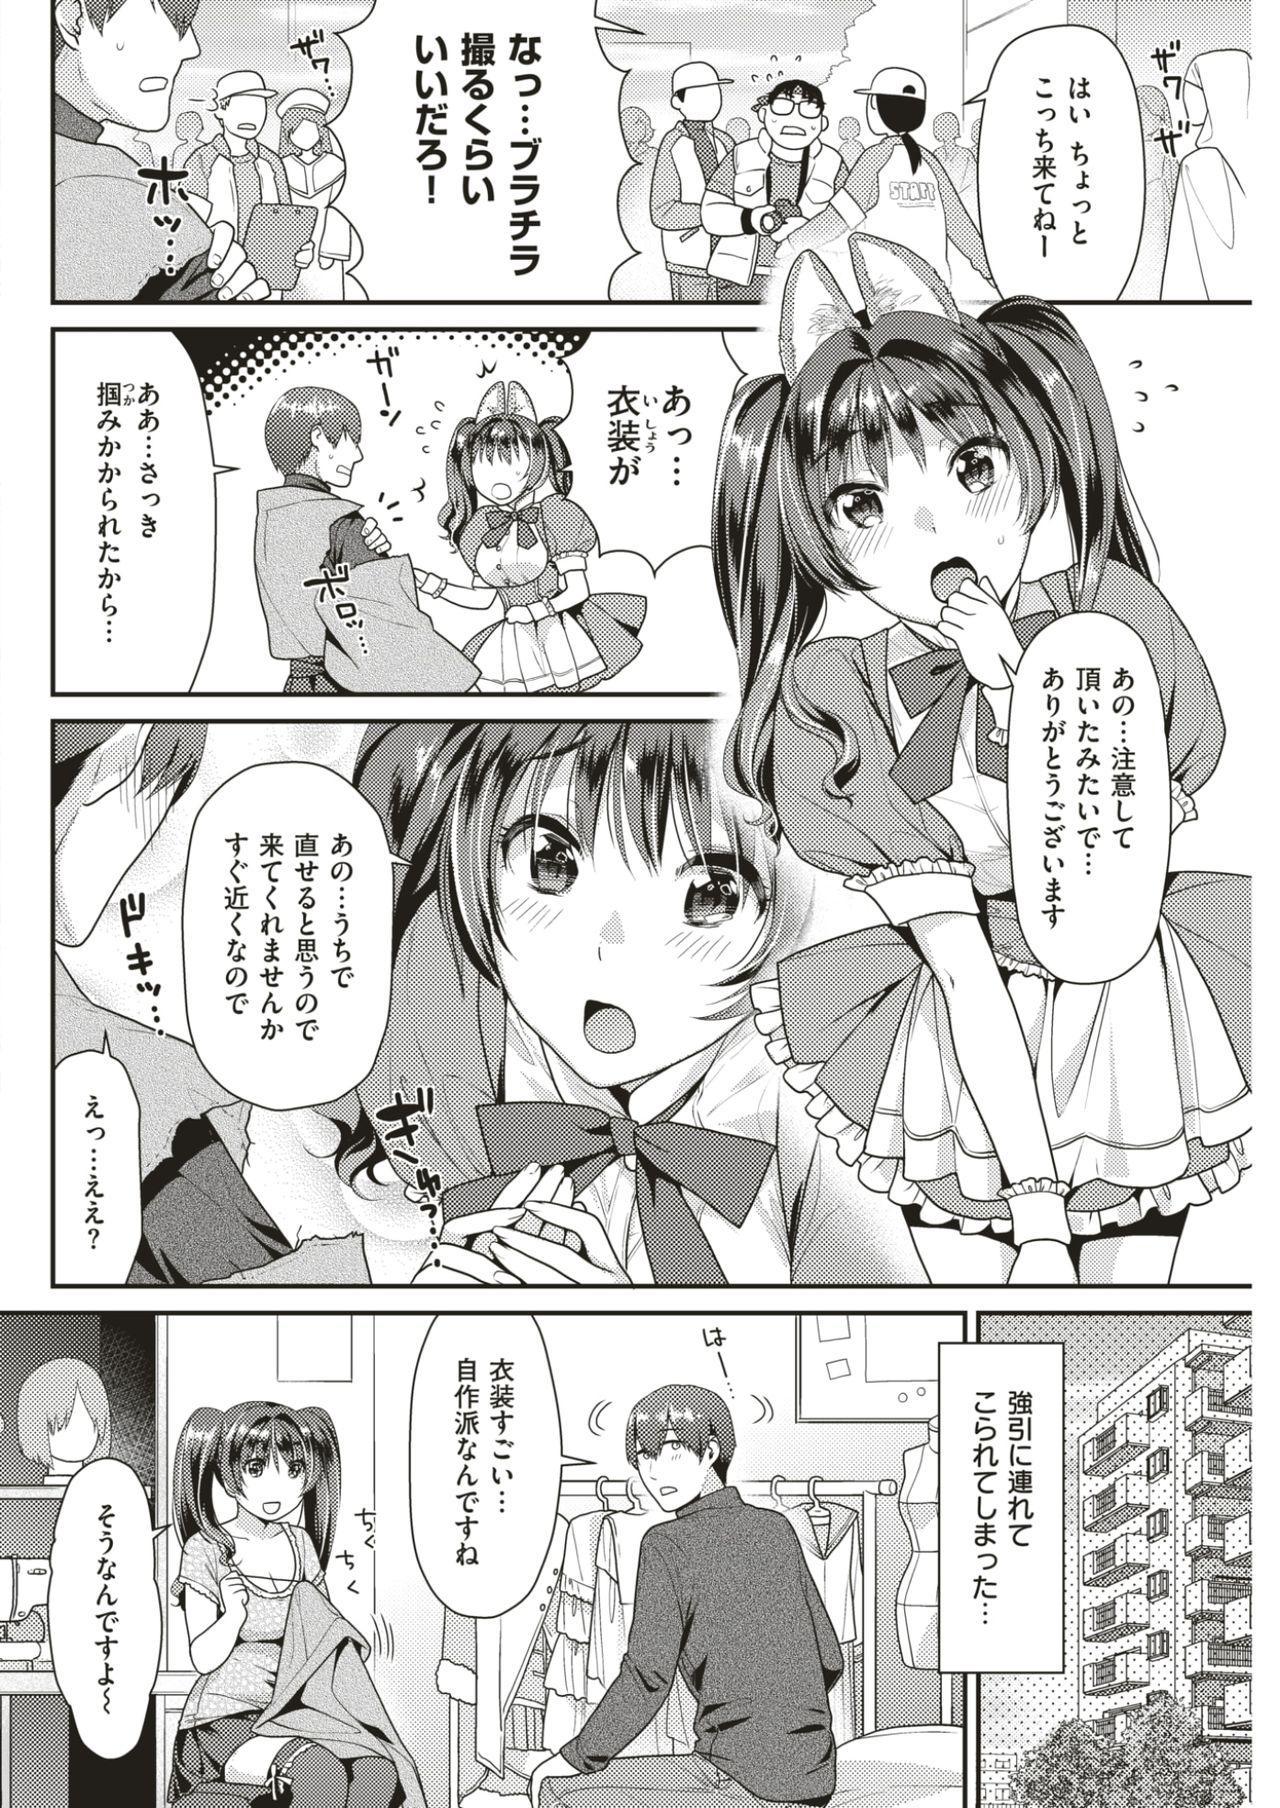 COMIC Kairakuten BEAST 2017-07 120